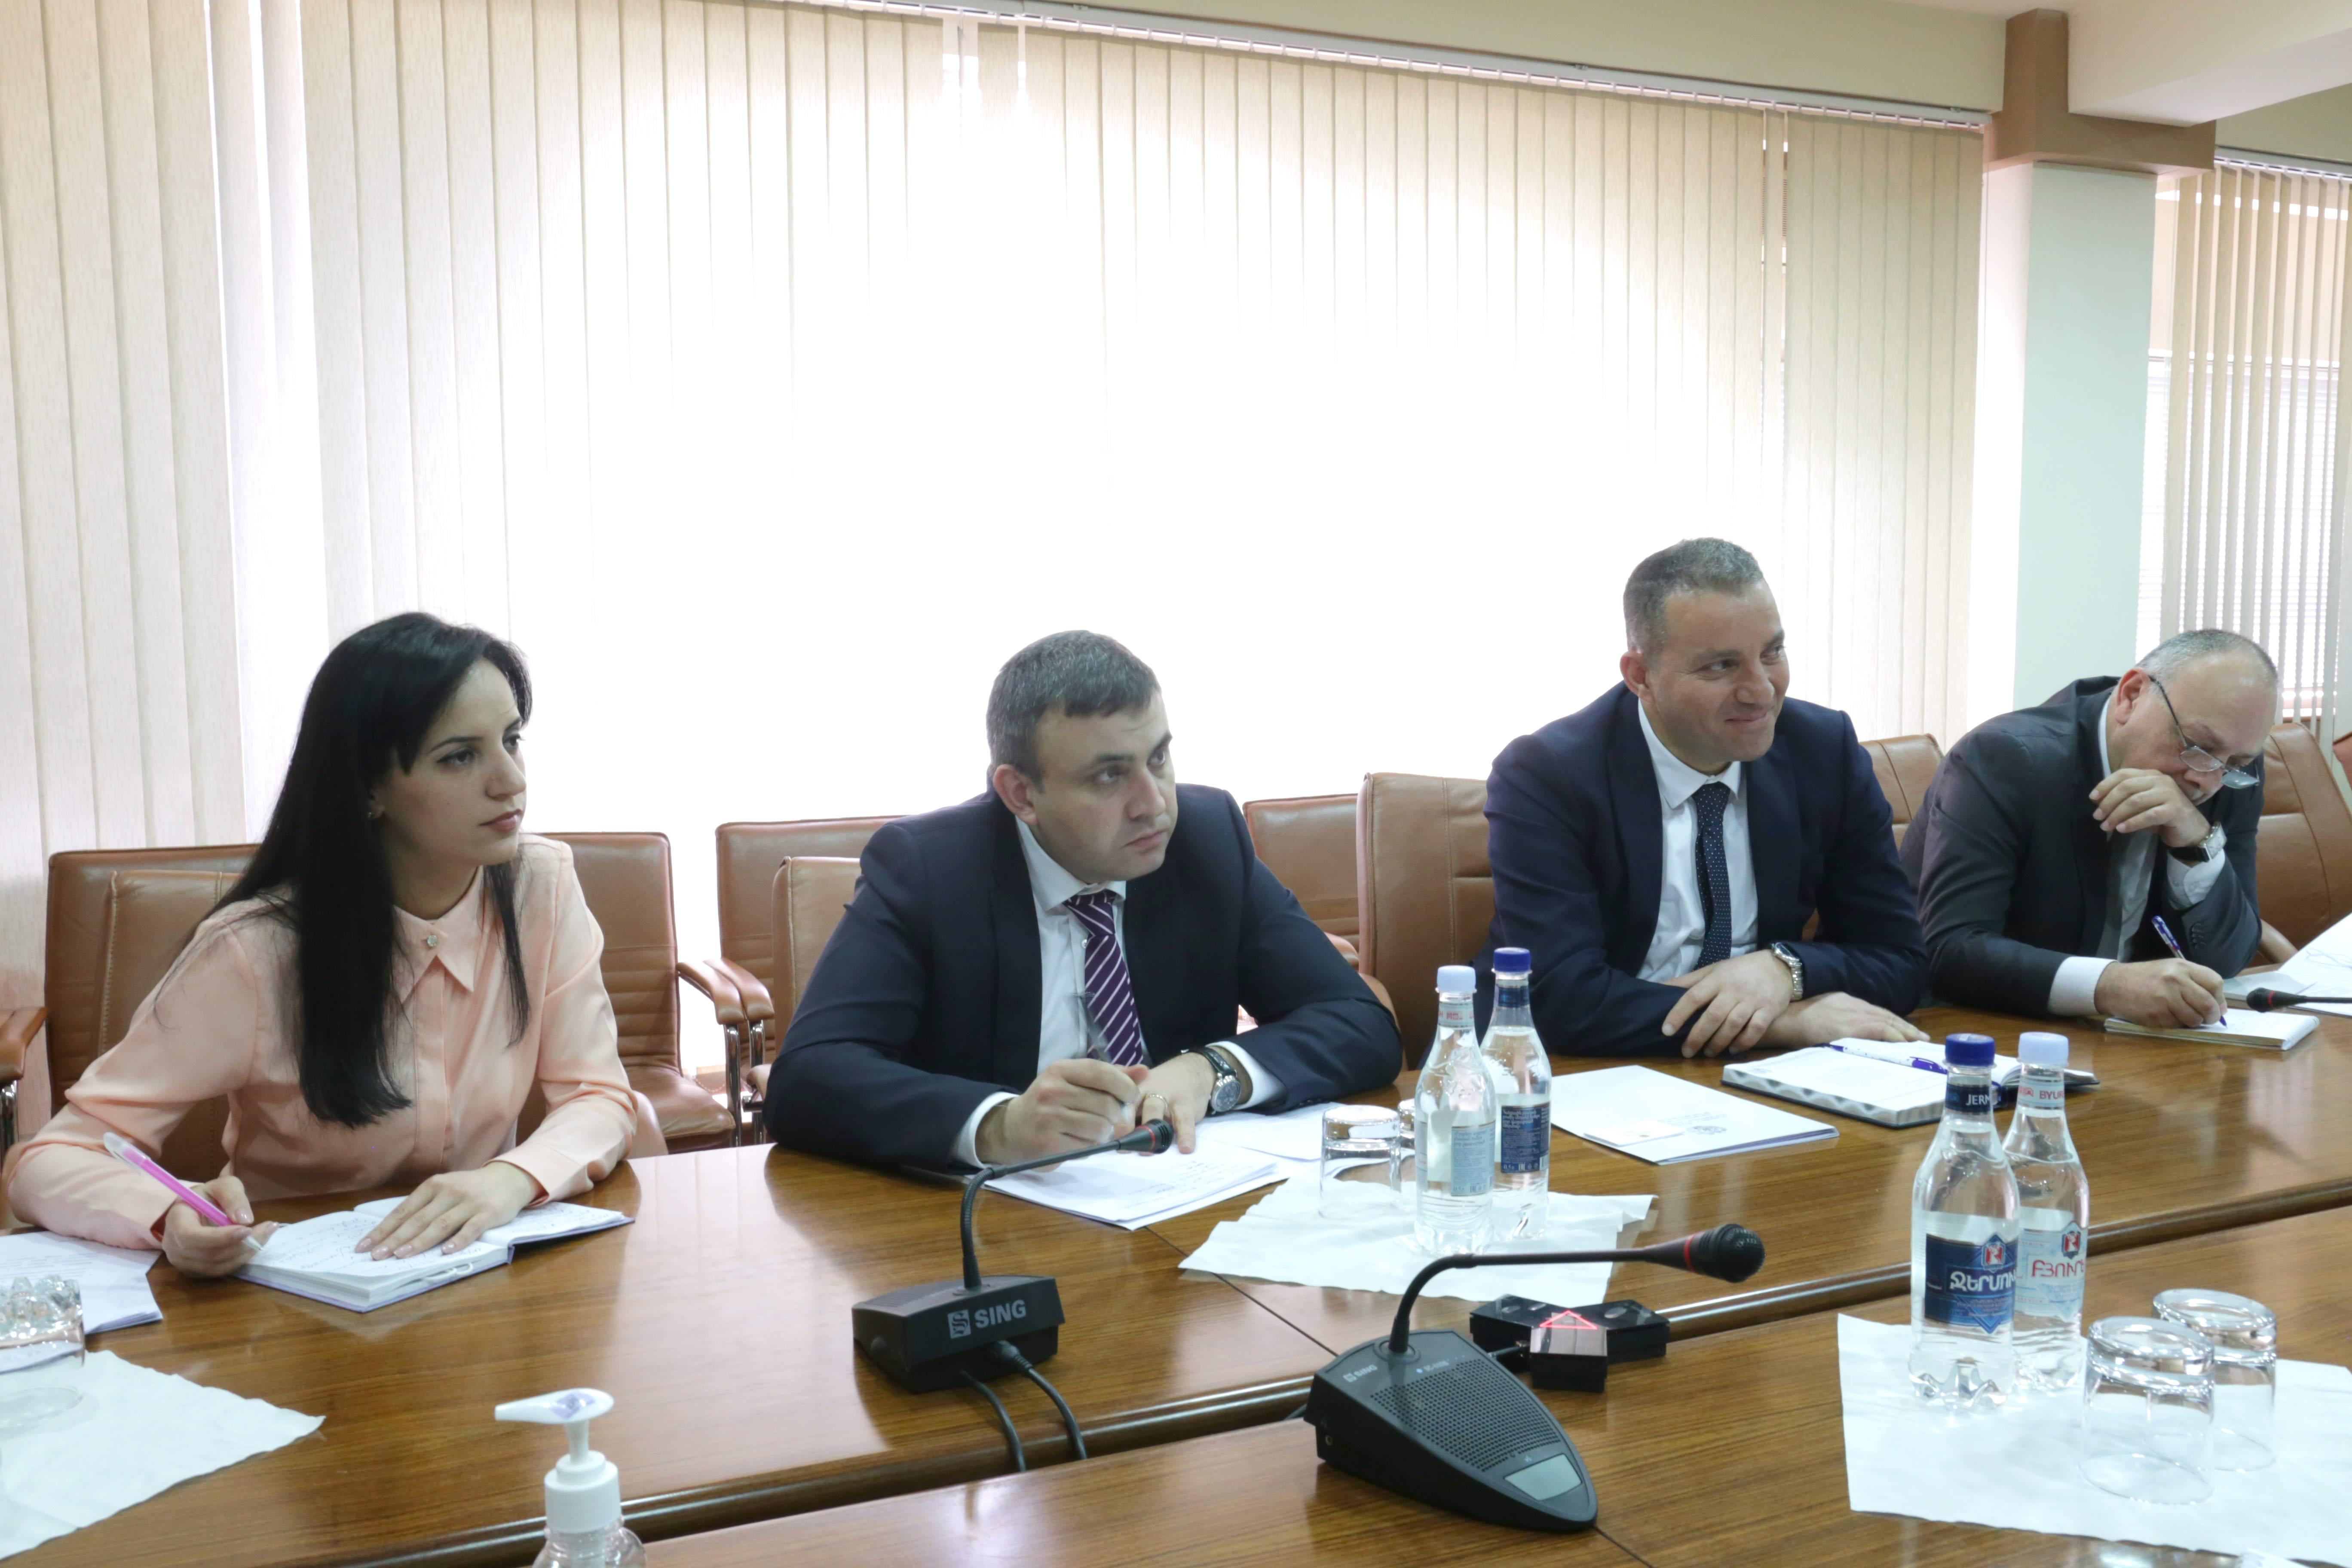 Վահան Քերոբյանը և Ժոնաթան Լաքոտը համագործակցության պատրաստակամություն են հայտնել հայ-ֆրանսիական տնտեսական կապերի ընդլայնման նպատակով